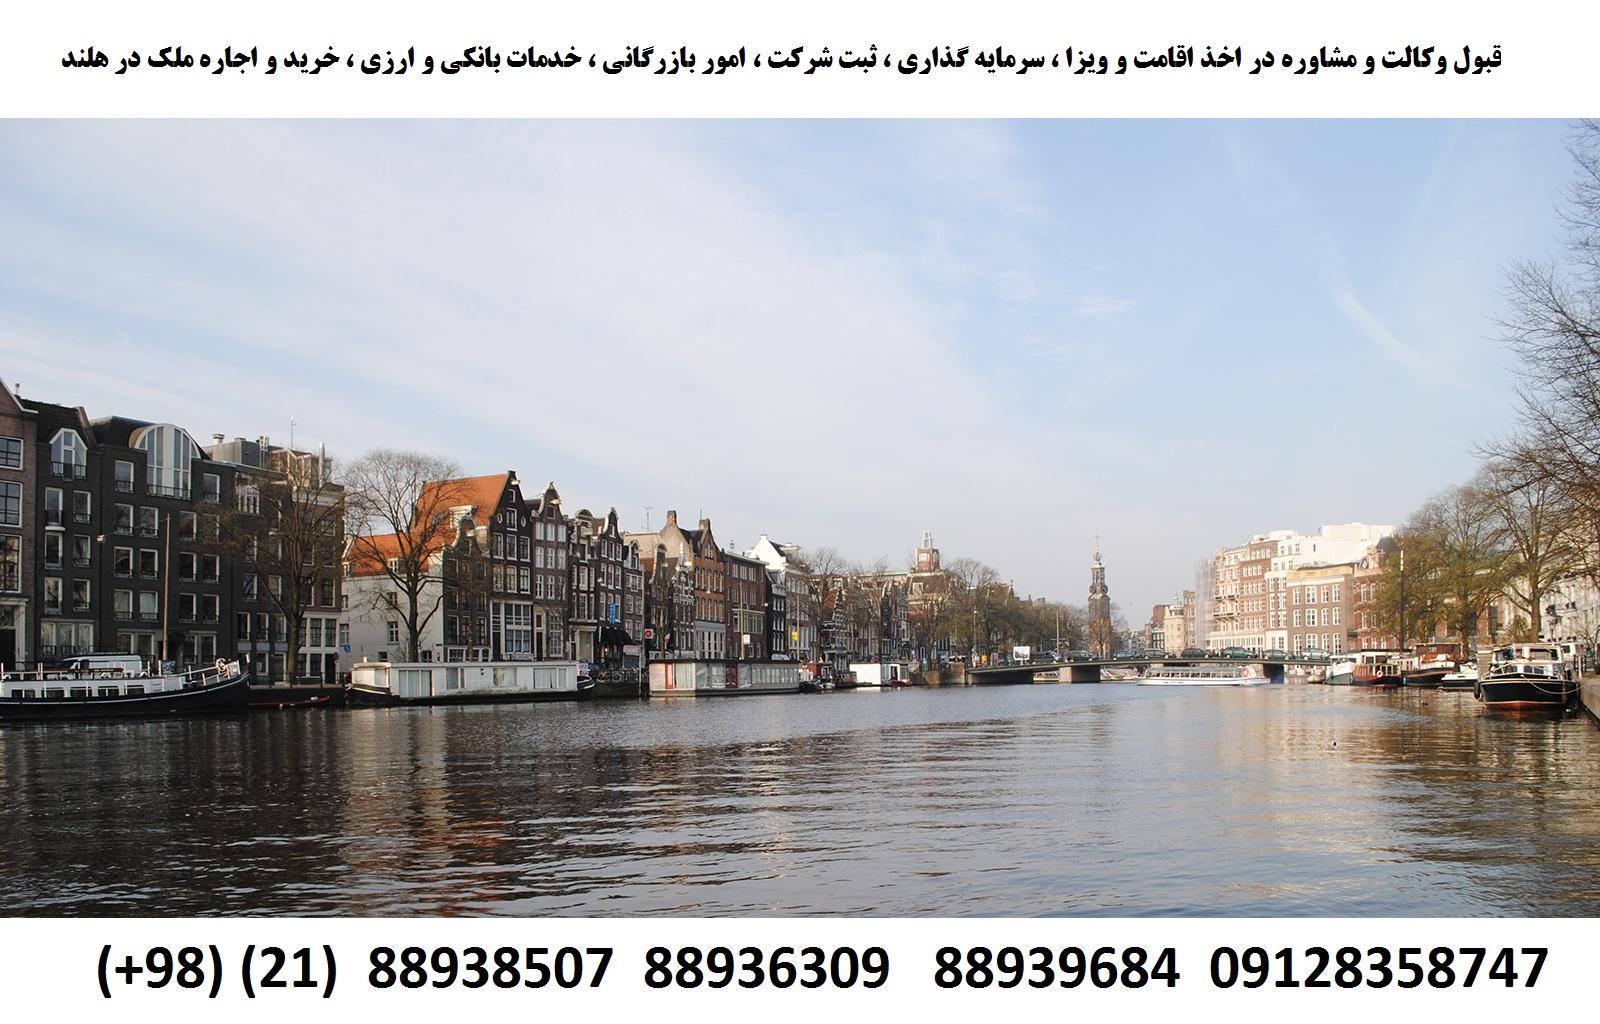 اقامت ، ویزا ، ثبت شرکت ، سرمایه گذاری در هلند (6)